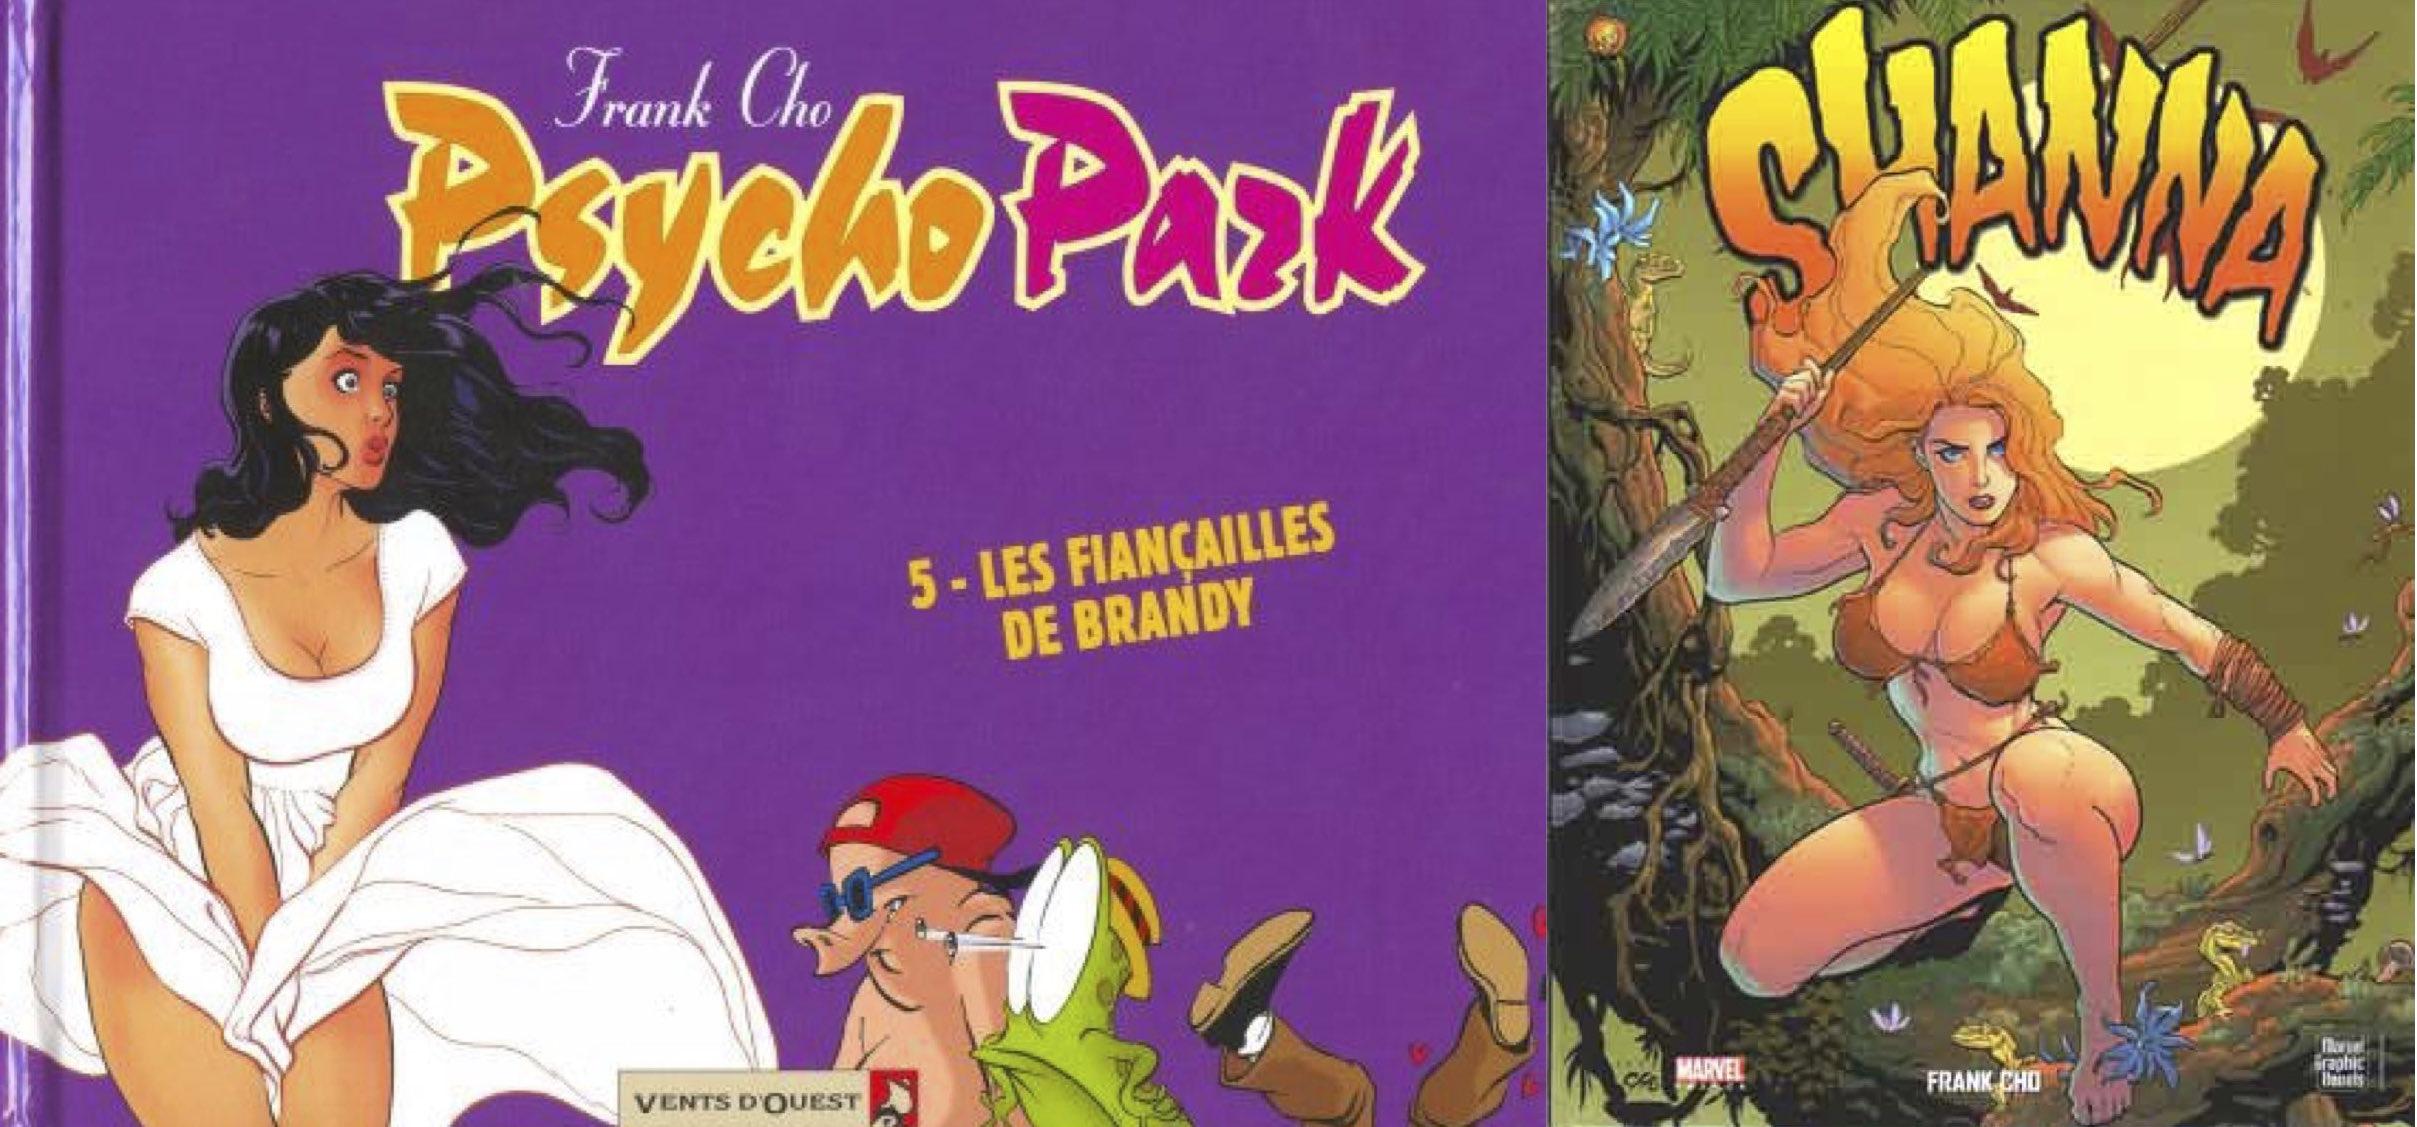 © Vent D'ouest - Panini comics - Frank Cho